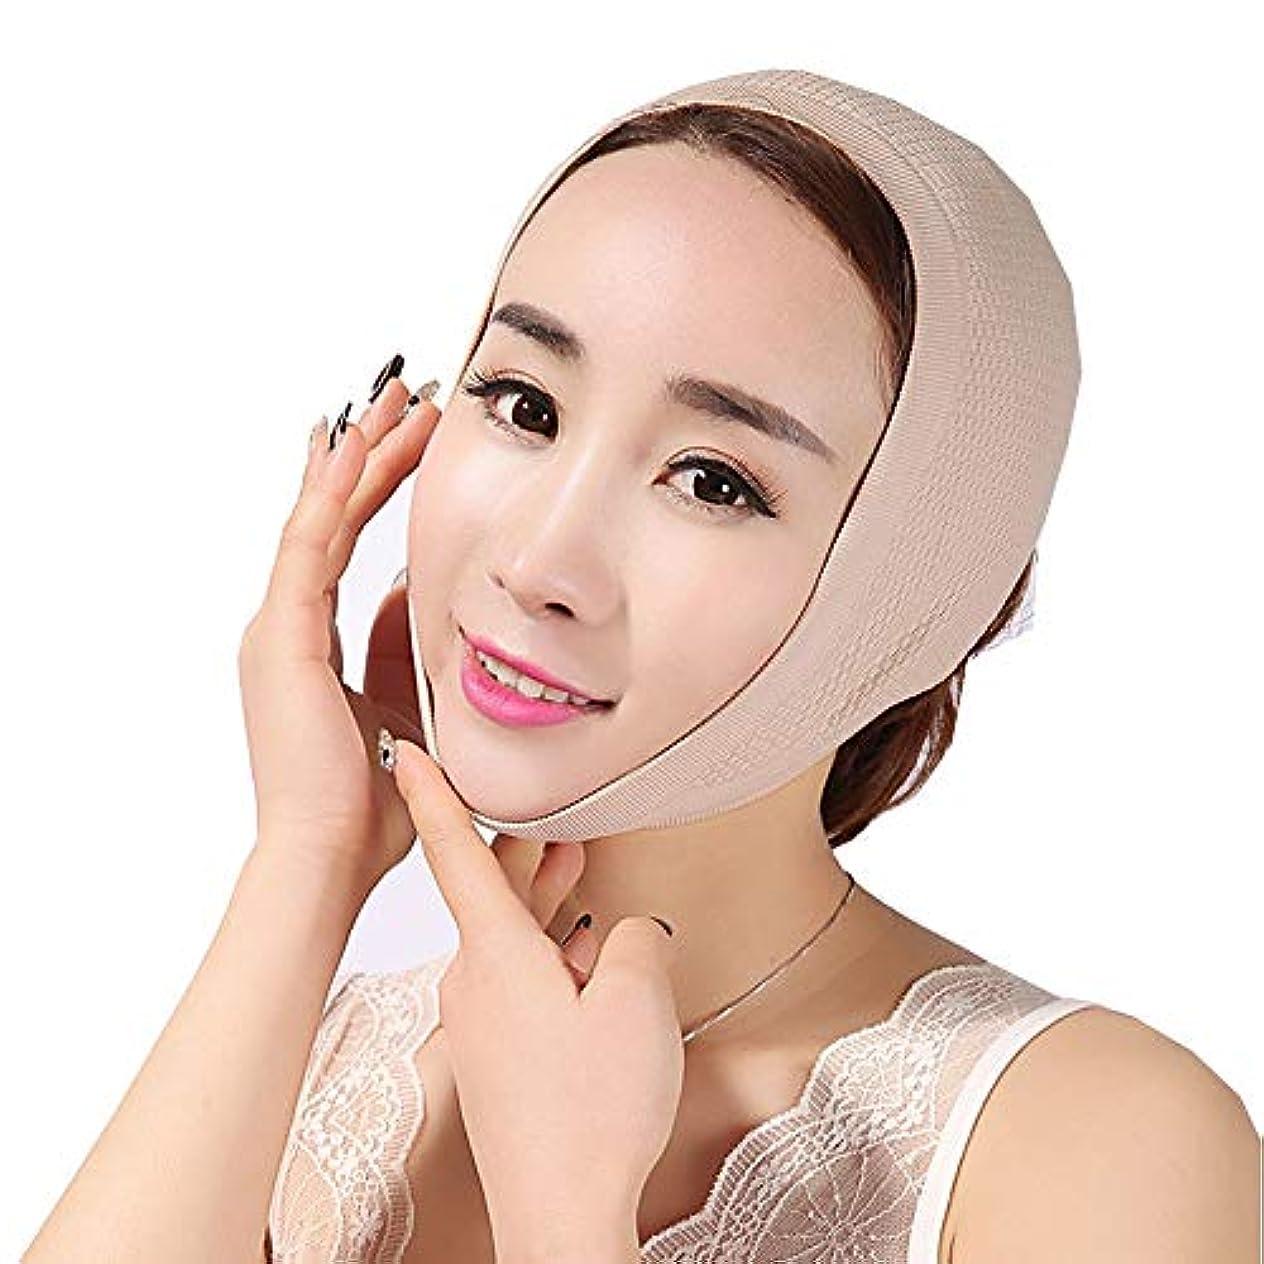 落ちたマザーランドペグJia Jia- フェイスマスクで眠る薄い顔フェイスリフトフェイスリフトアーティファクトスモールフェイスVフェイスリフト付きフェイスフェイス包帯引き上げジョーセット 顔面包帯